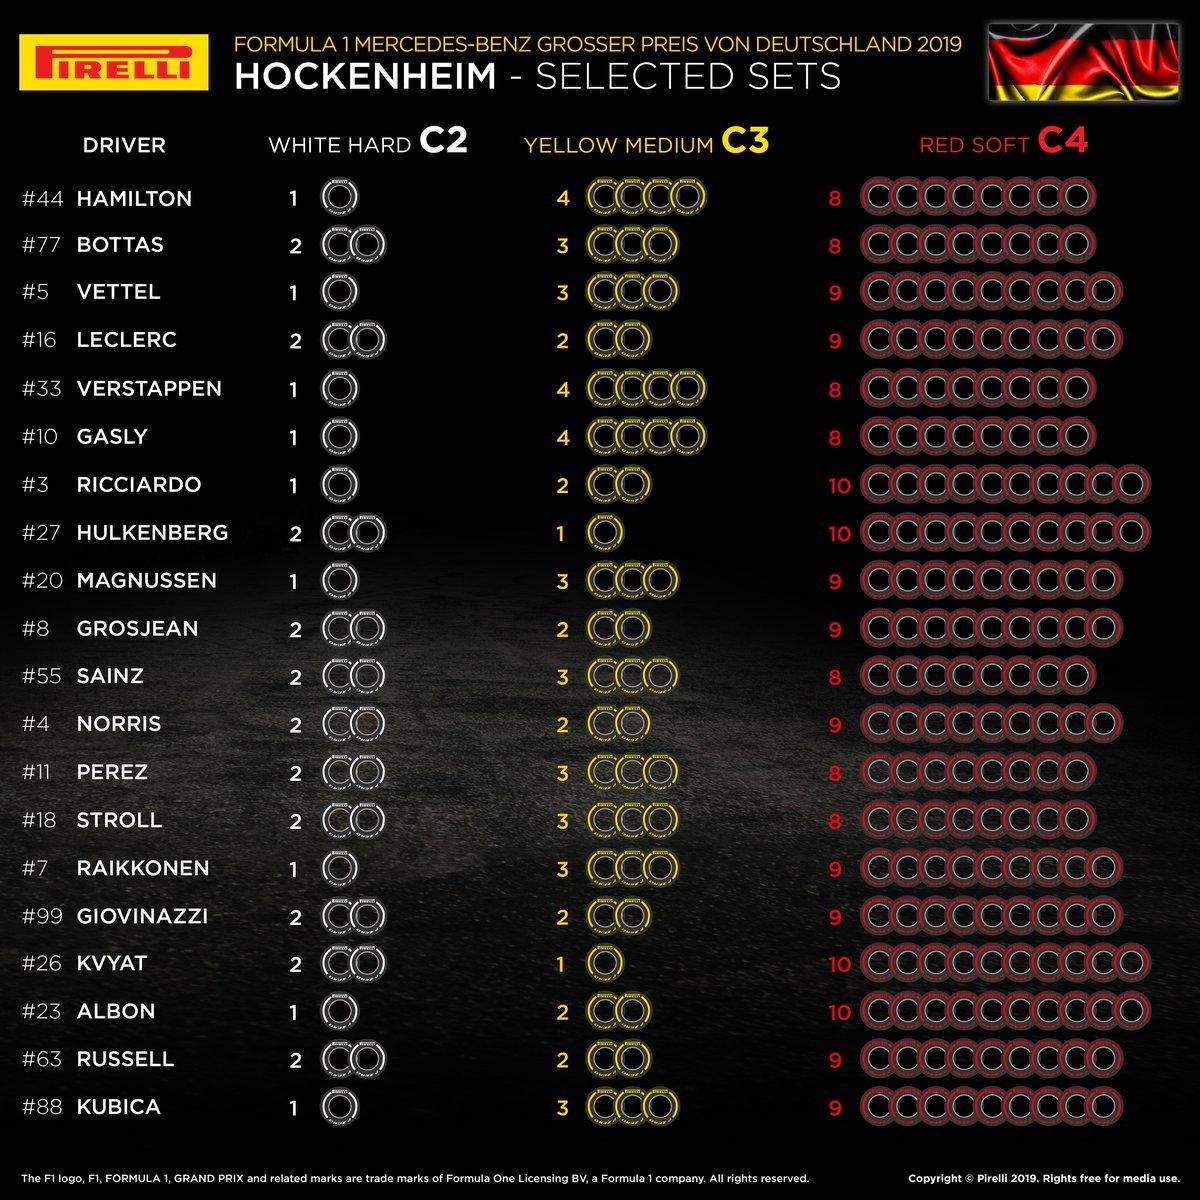 Selección de neumáticos por piloto para el GP de Alemania  #F1